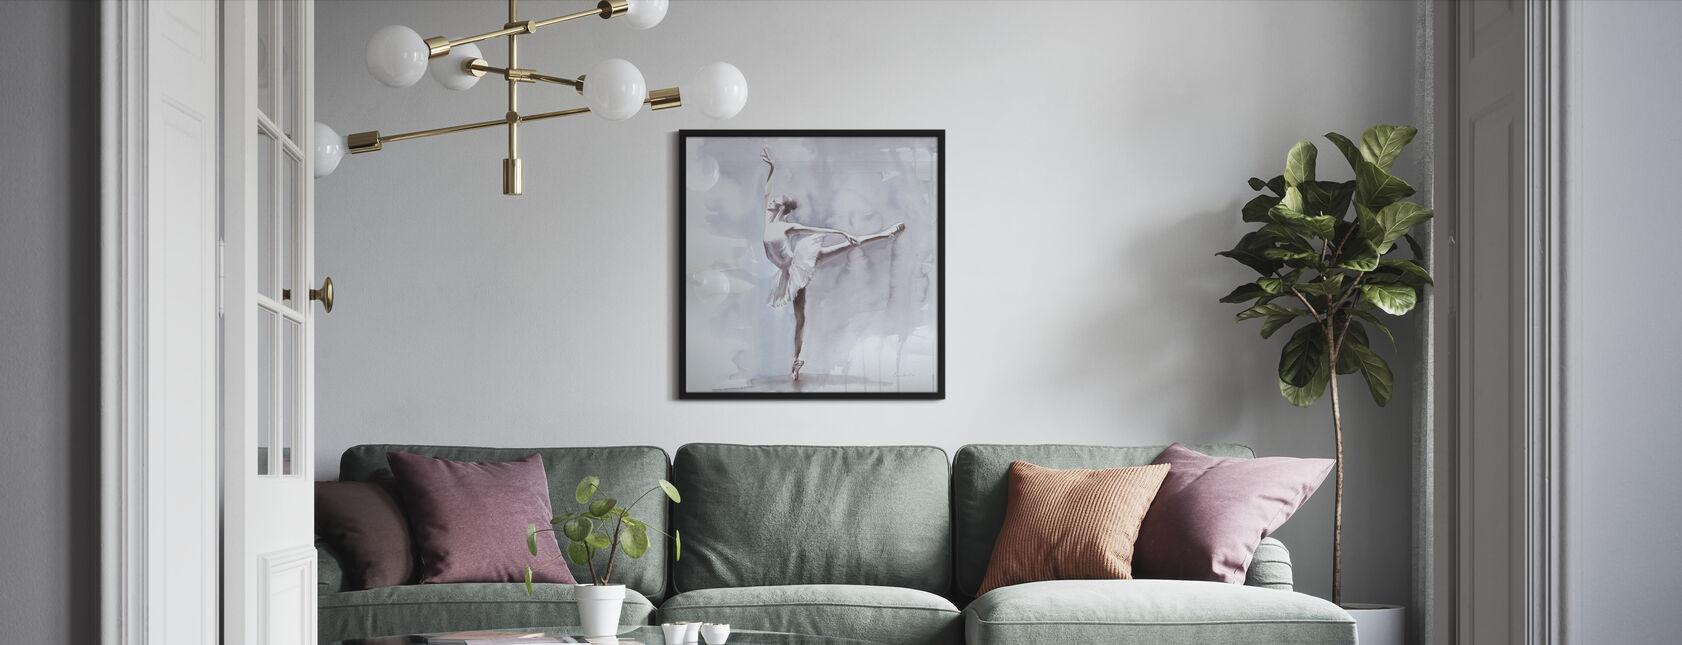 Dusky Arabesque - Framed print - Living Room